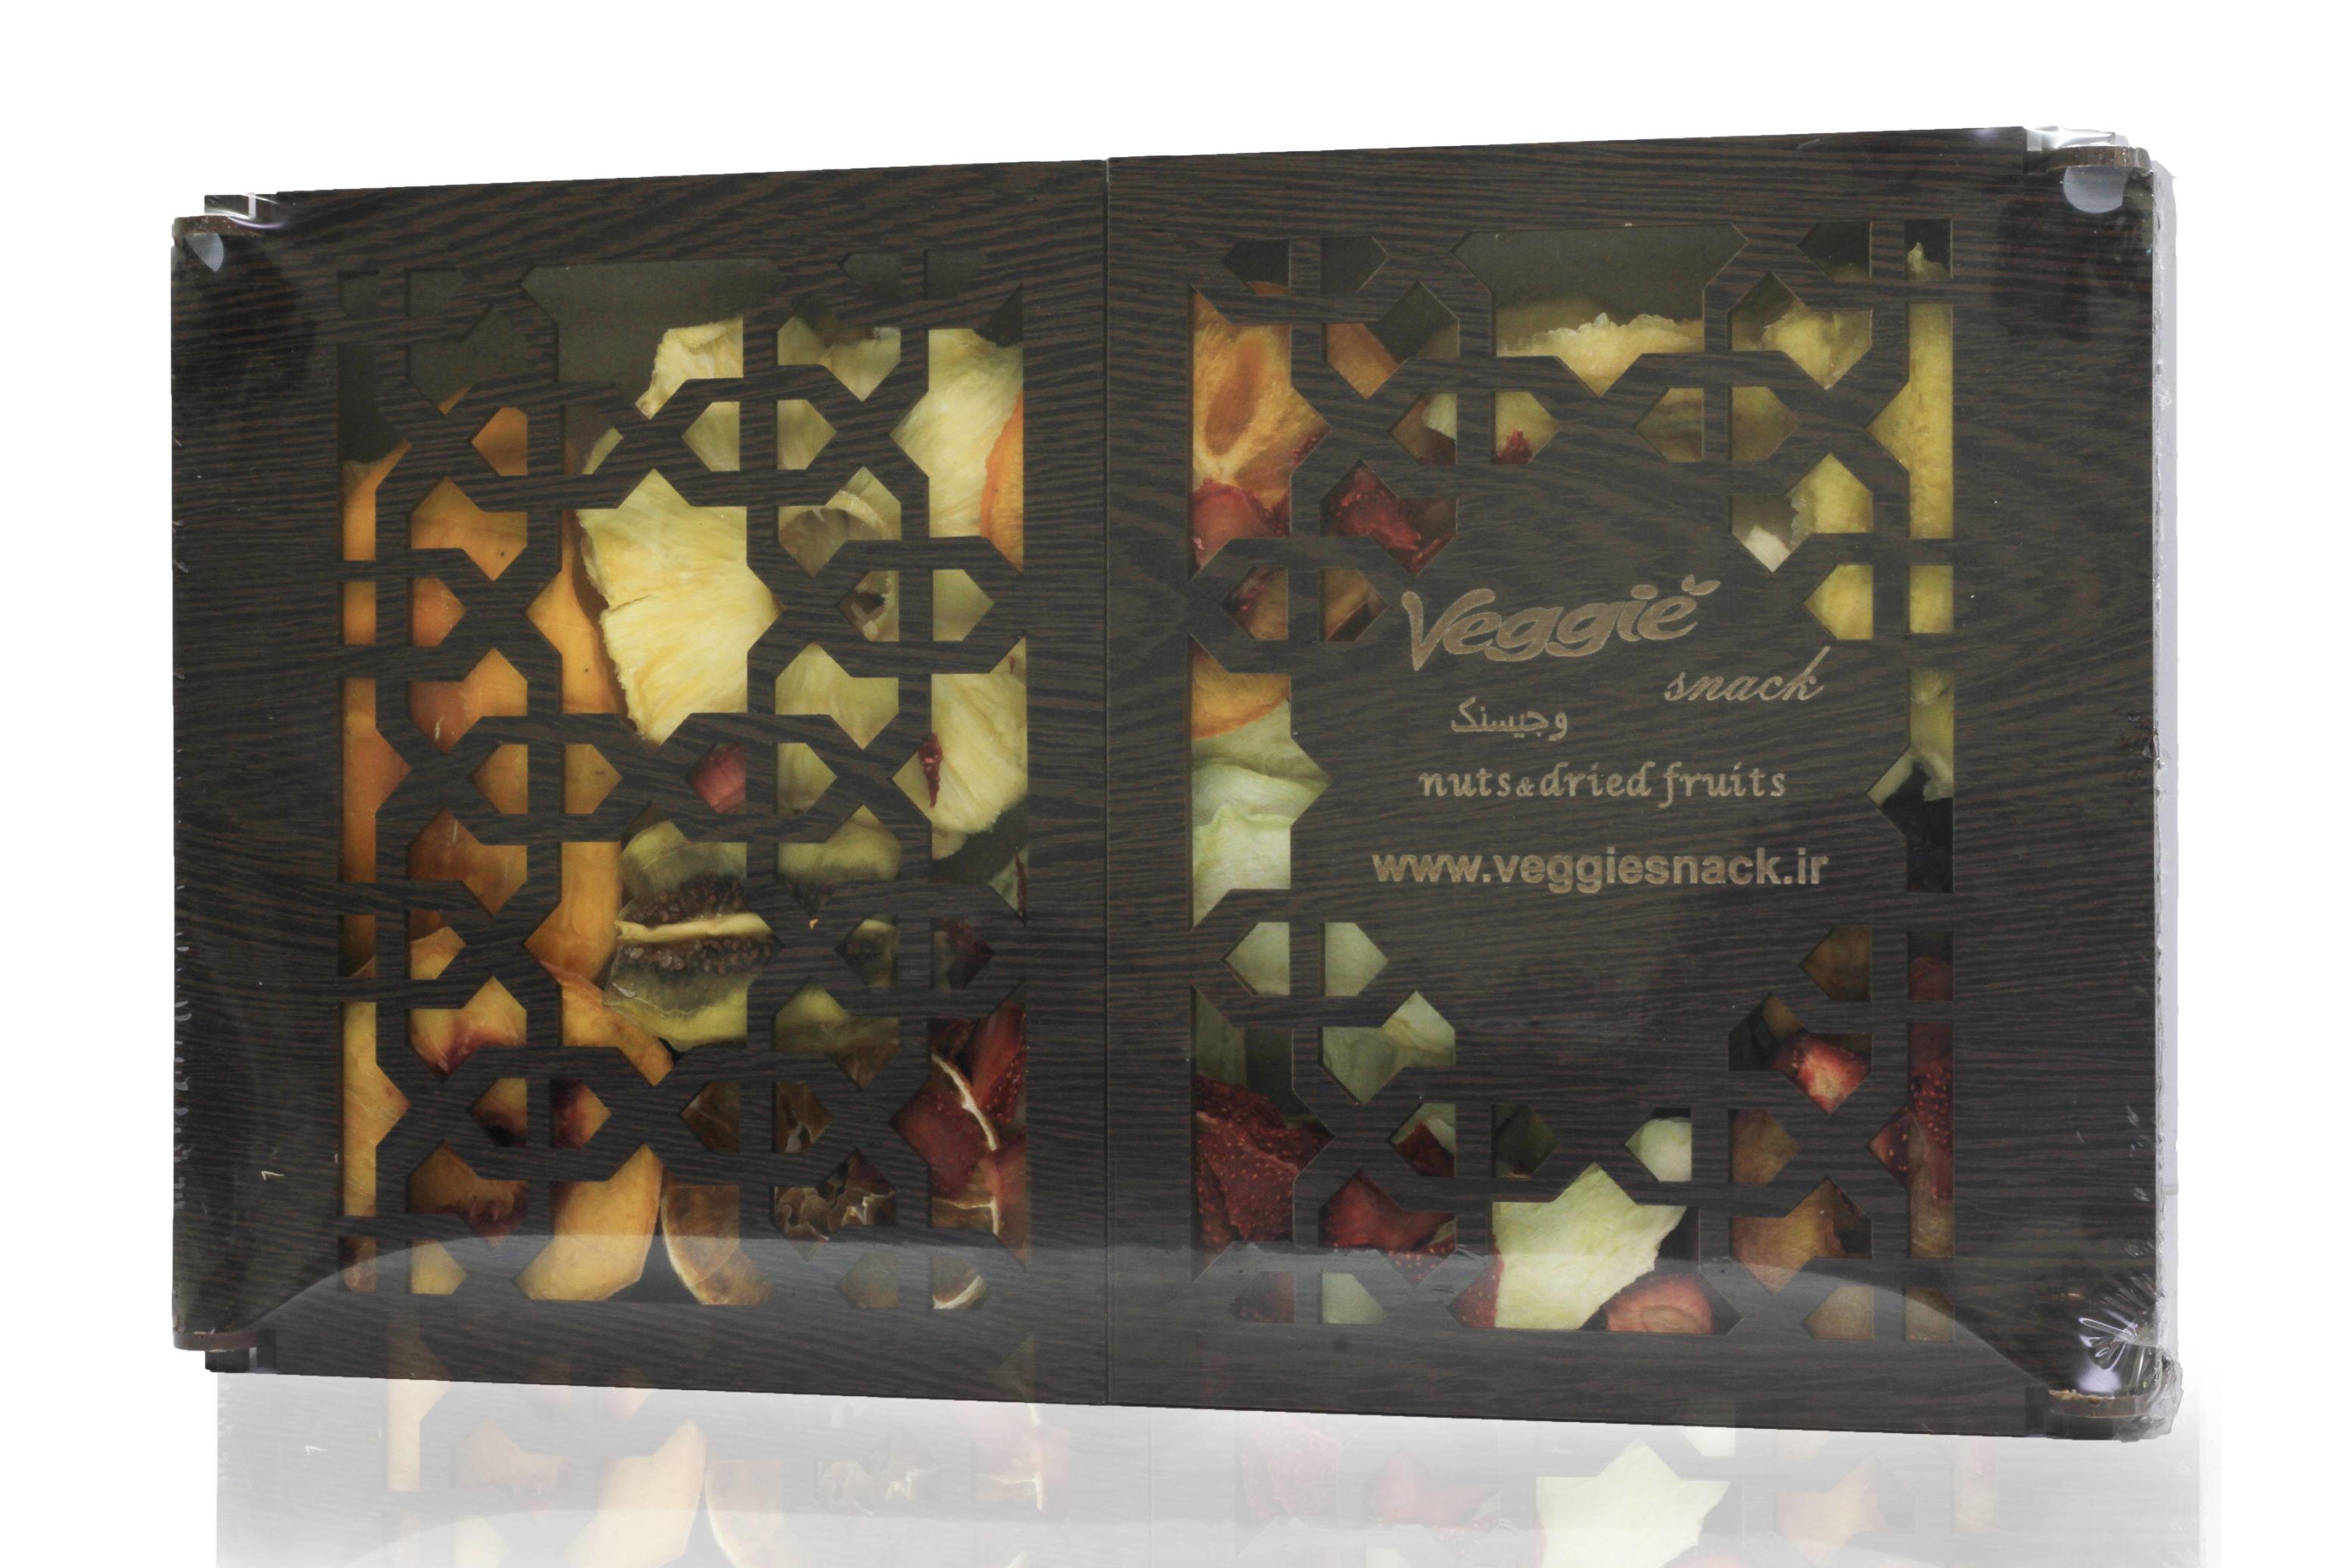 میوه خشک مخلوط کادویی چوبی وجیسنک خرید انلاین خواص میوه خشک مخلوط قیمت خرید اینترنتی بازار تهران زیر قیمت ارزان اقتصادی